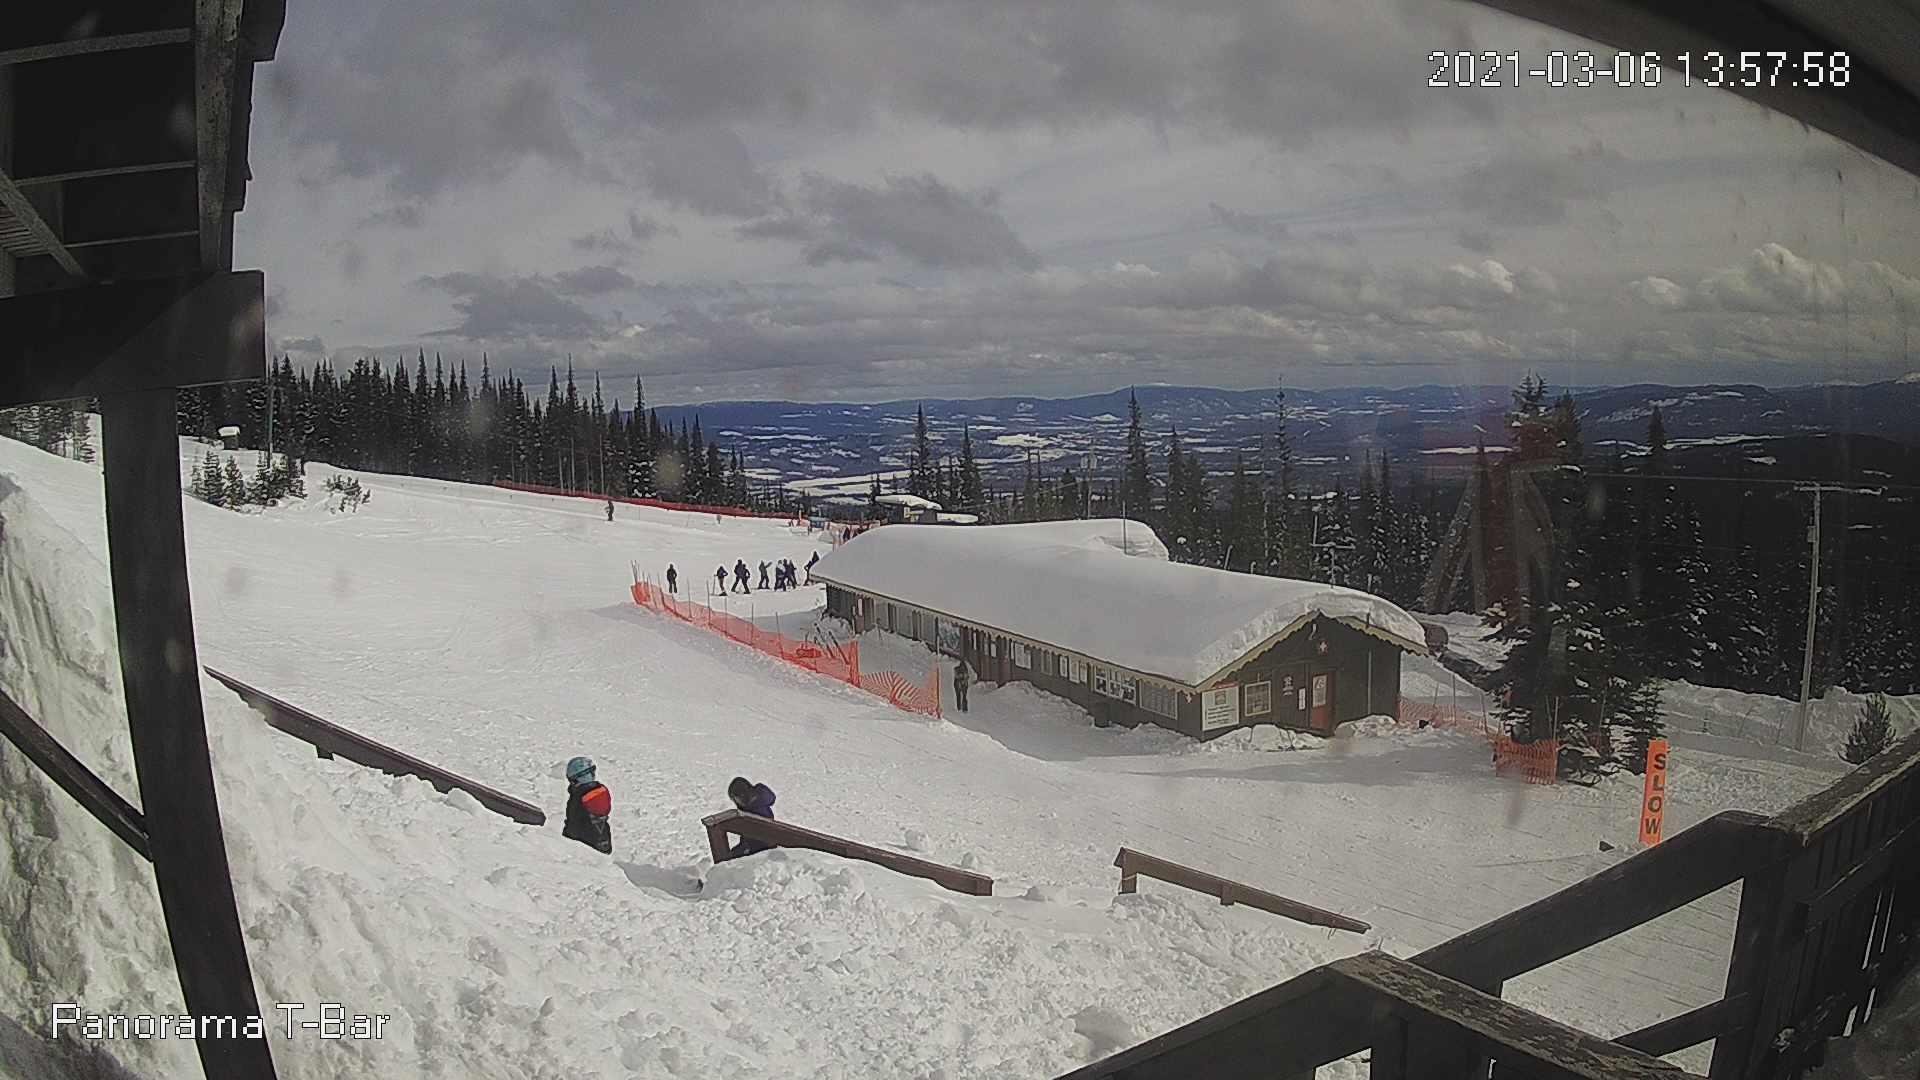 Hudson Bay Mtn Webcam